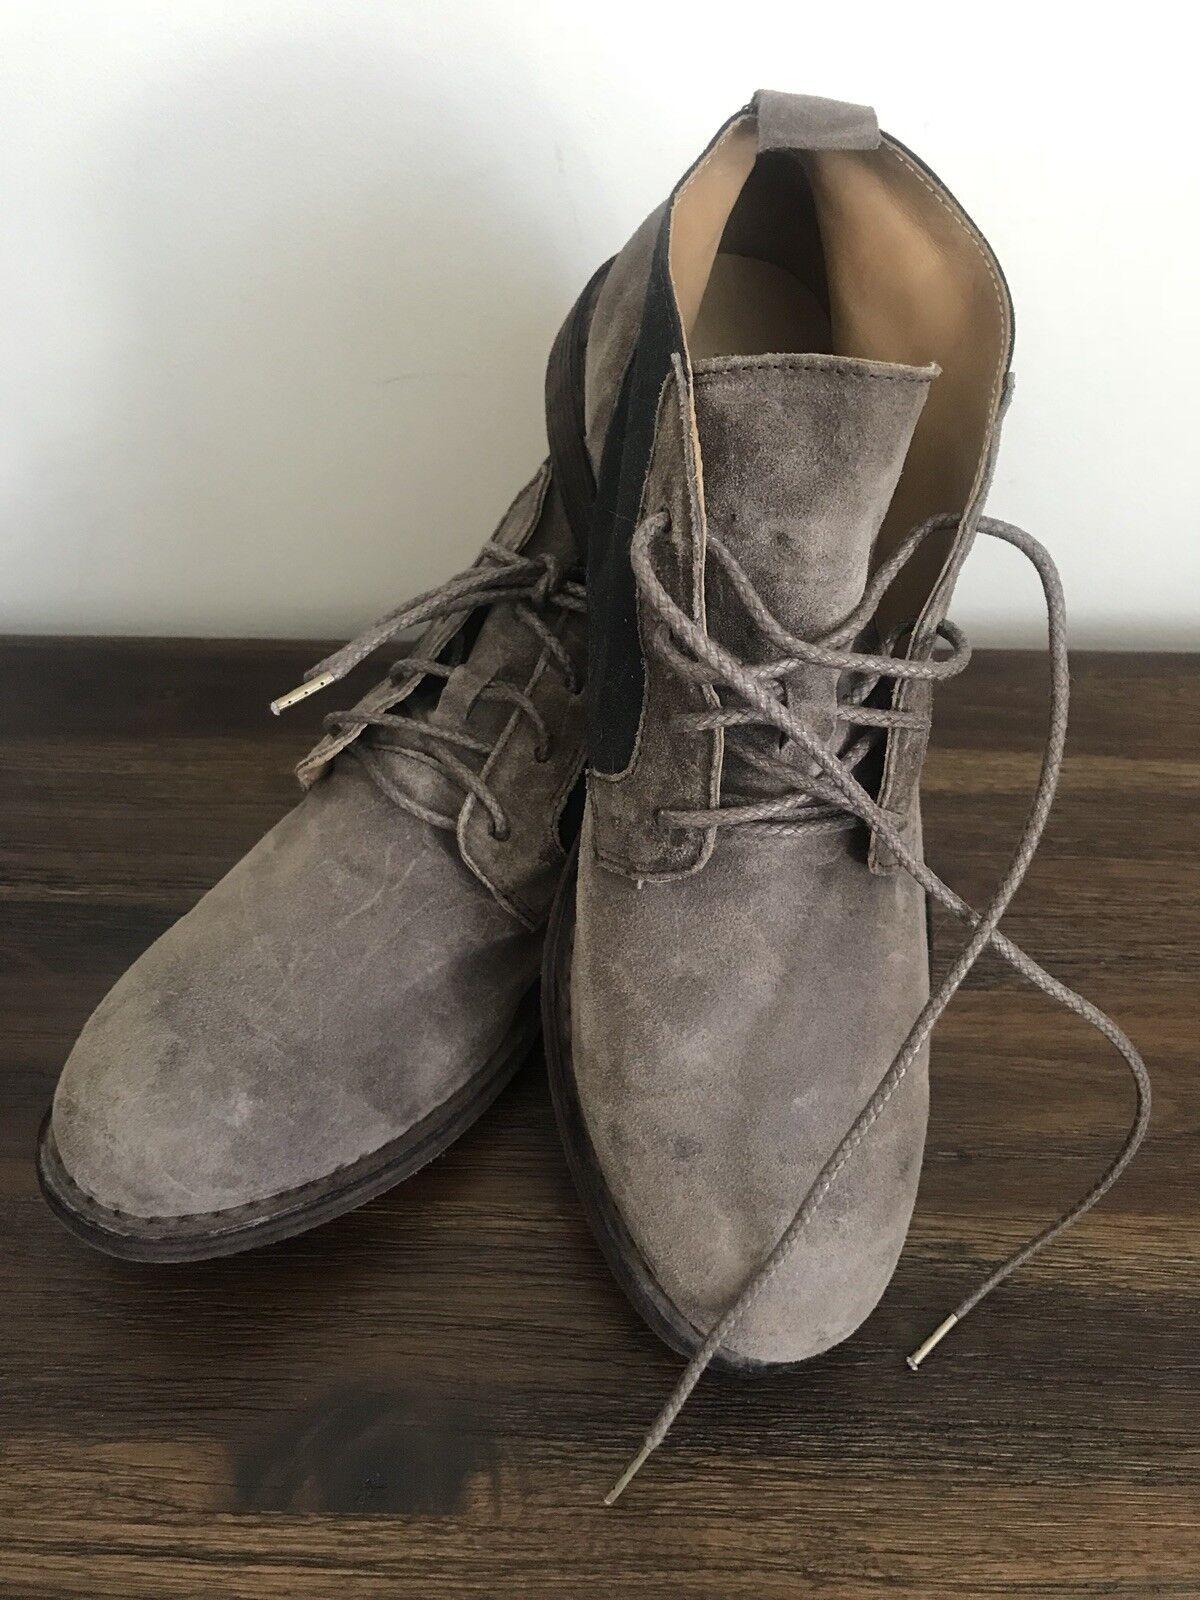 Rag & Bone Para hombre Zapatos botas De Gamuza Hecho a Mano